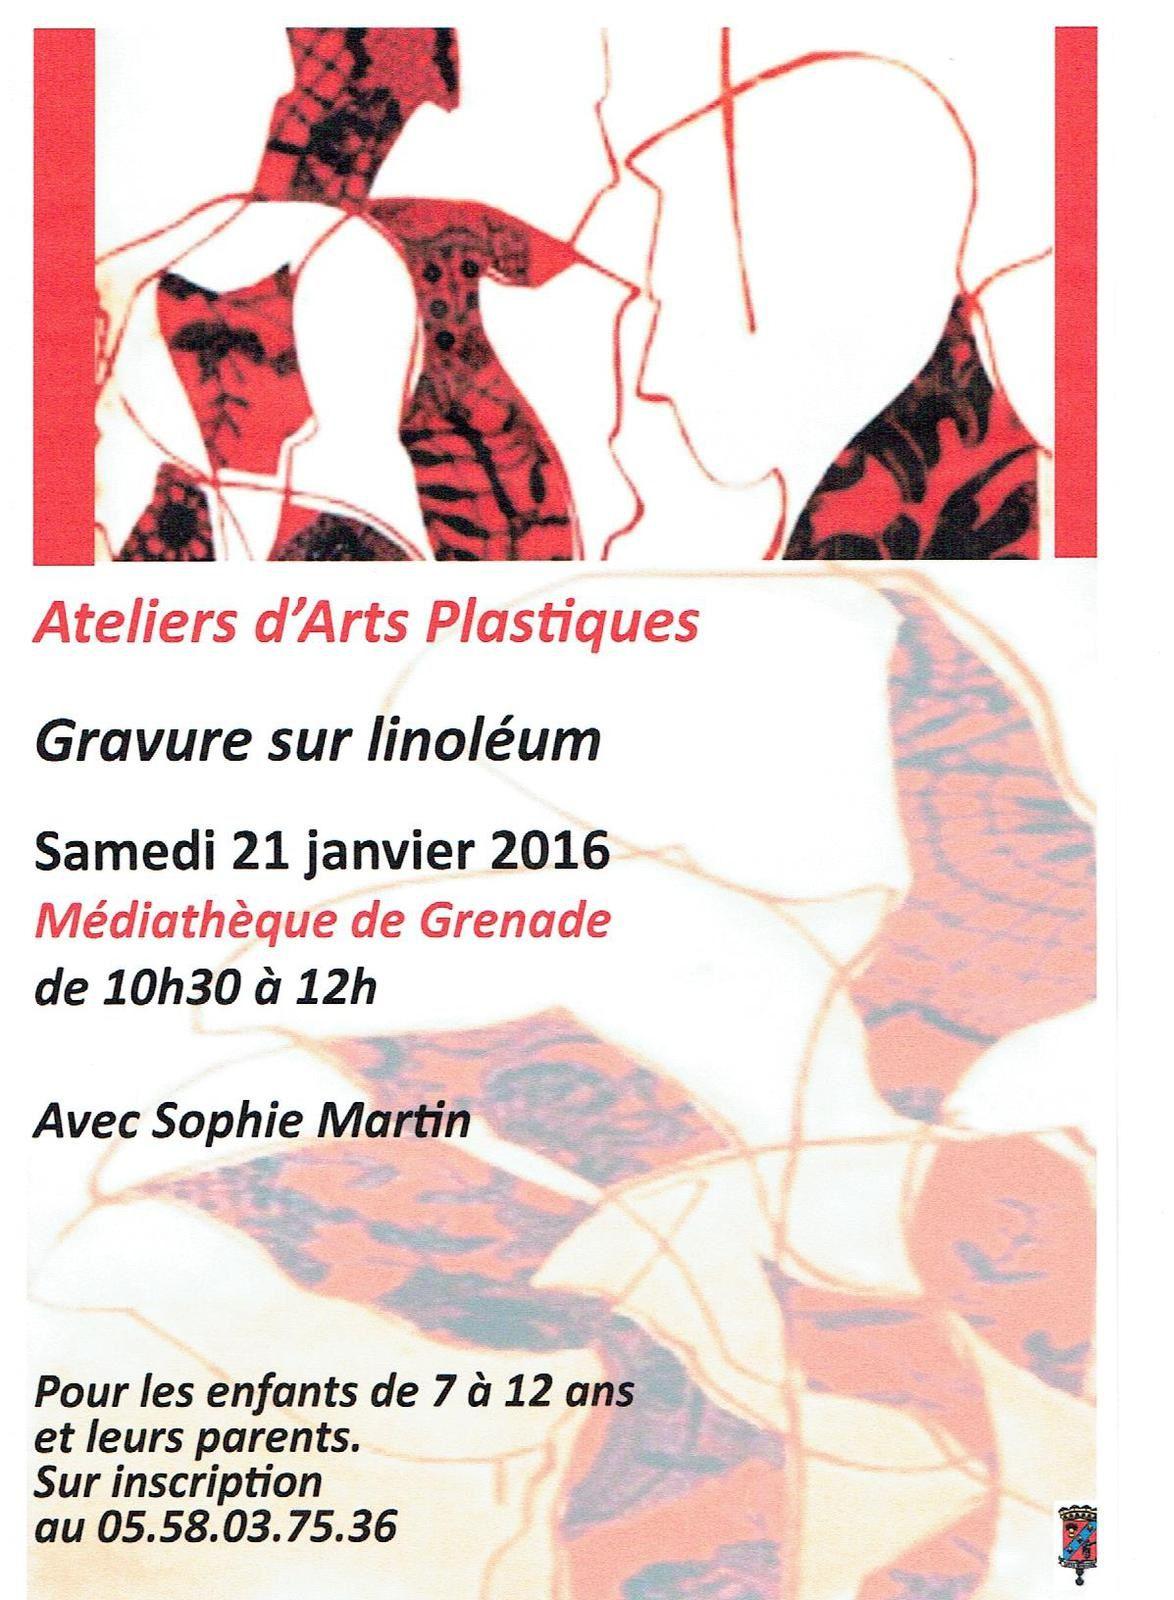 Samedi 21 janvier : Ateliers d'arts plastiques à la Médiathèque